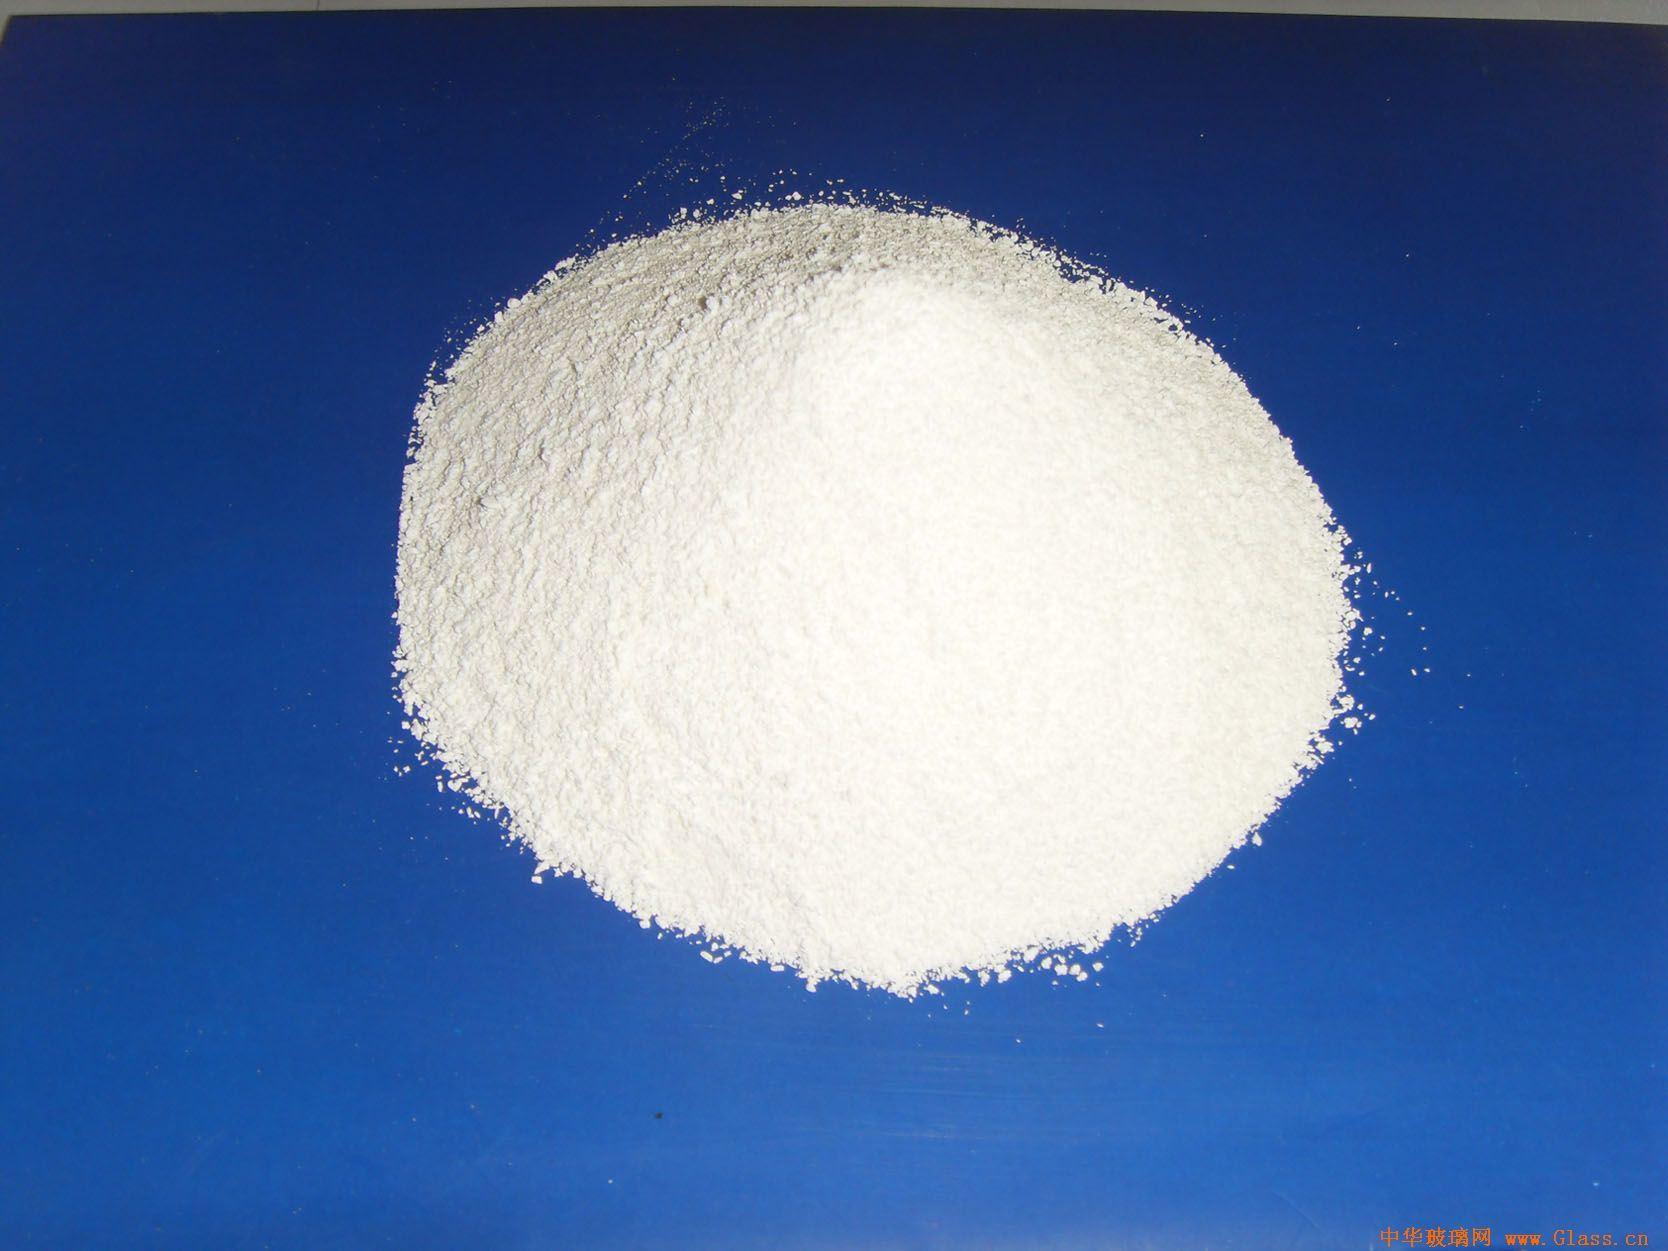 Muối Soda là một trong những nhu cầu nguyên liệu phổ biến hiện nay.